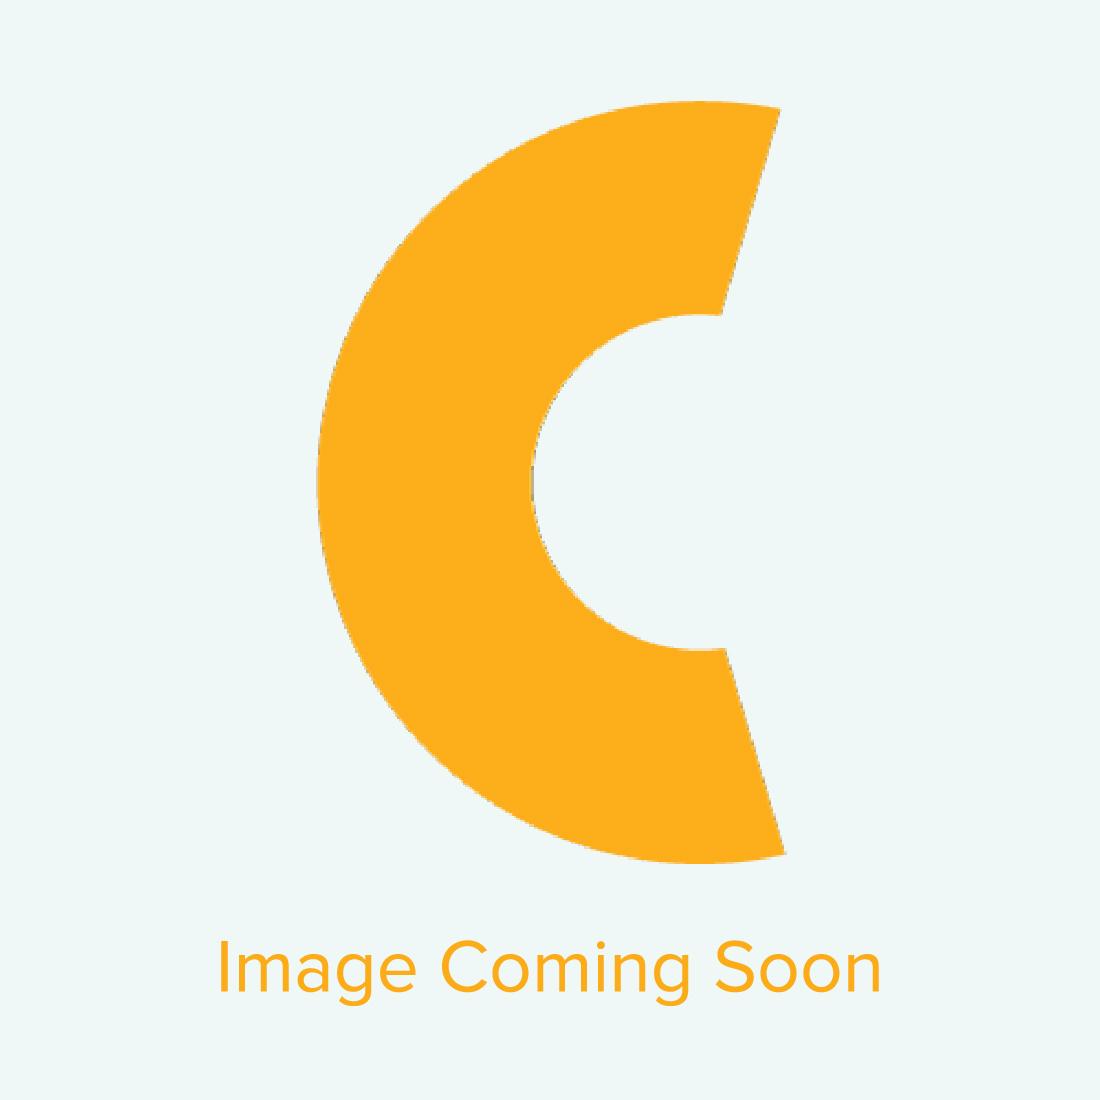 """Geo Knight Maxi Press Air - Wide Format 44"""" x 64"""" Air Operated Heat Press Machine"""